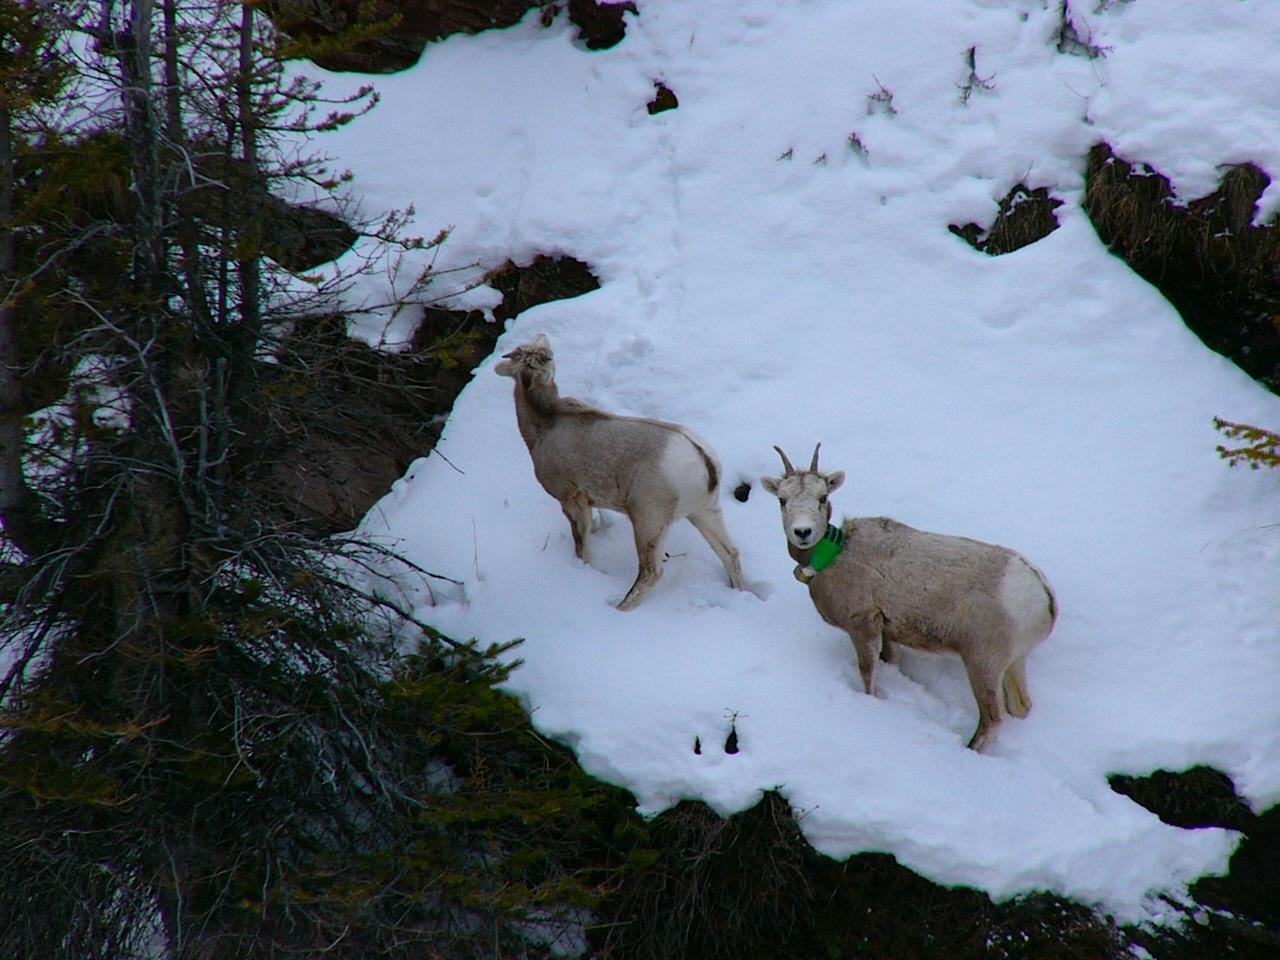 003 - Bighorn Sheep